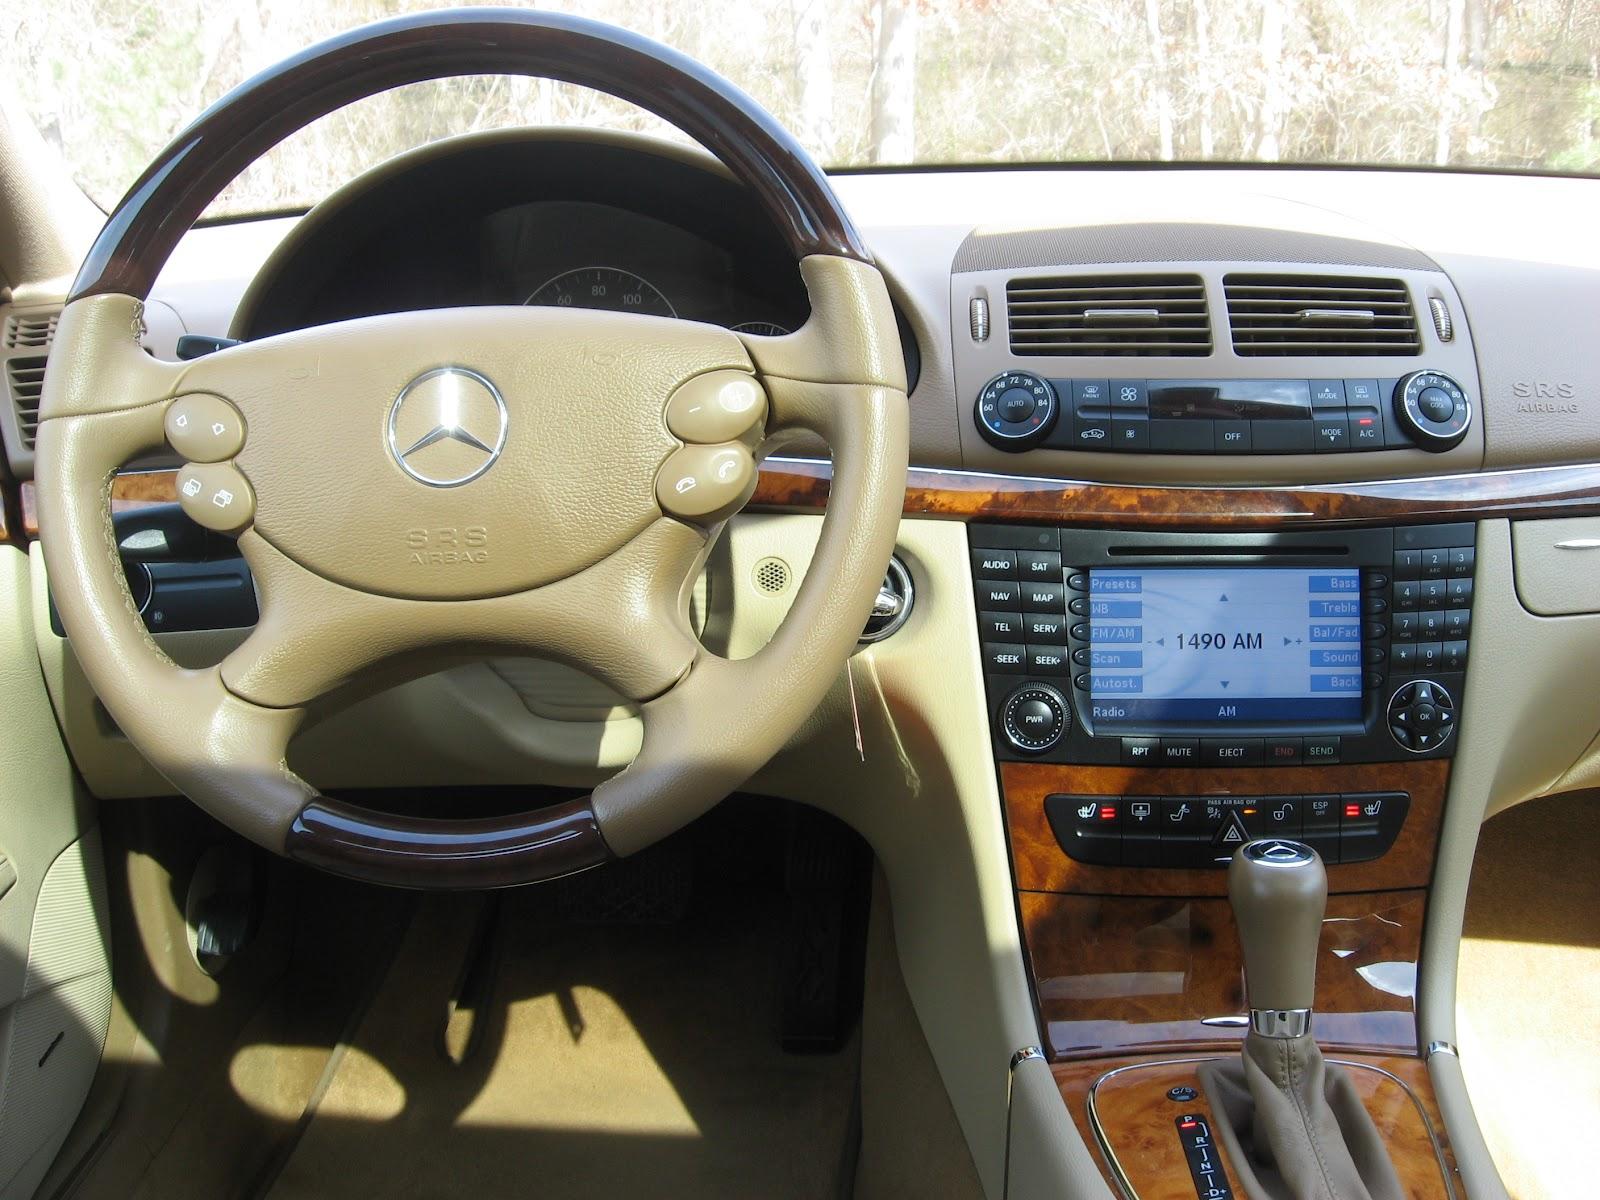 Pumpkin fine cars and exotics 2007 mercedes benz e350 4matic for 2007 s430 mercedes benz